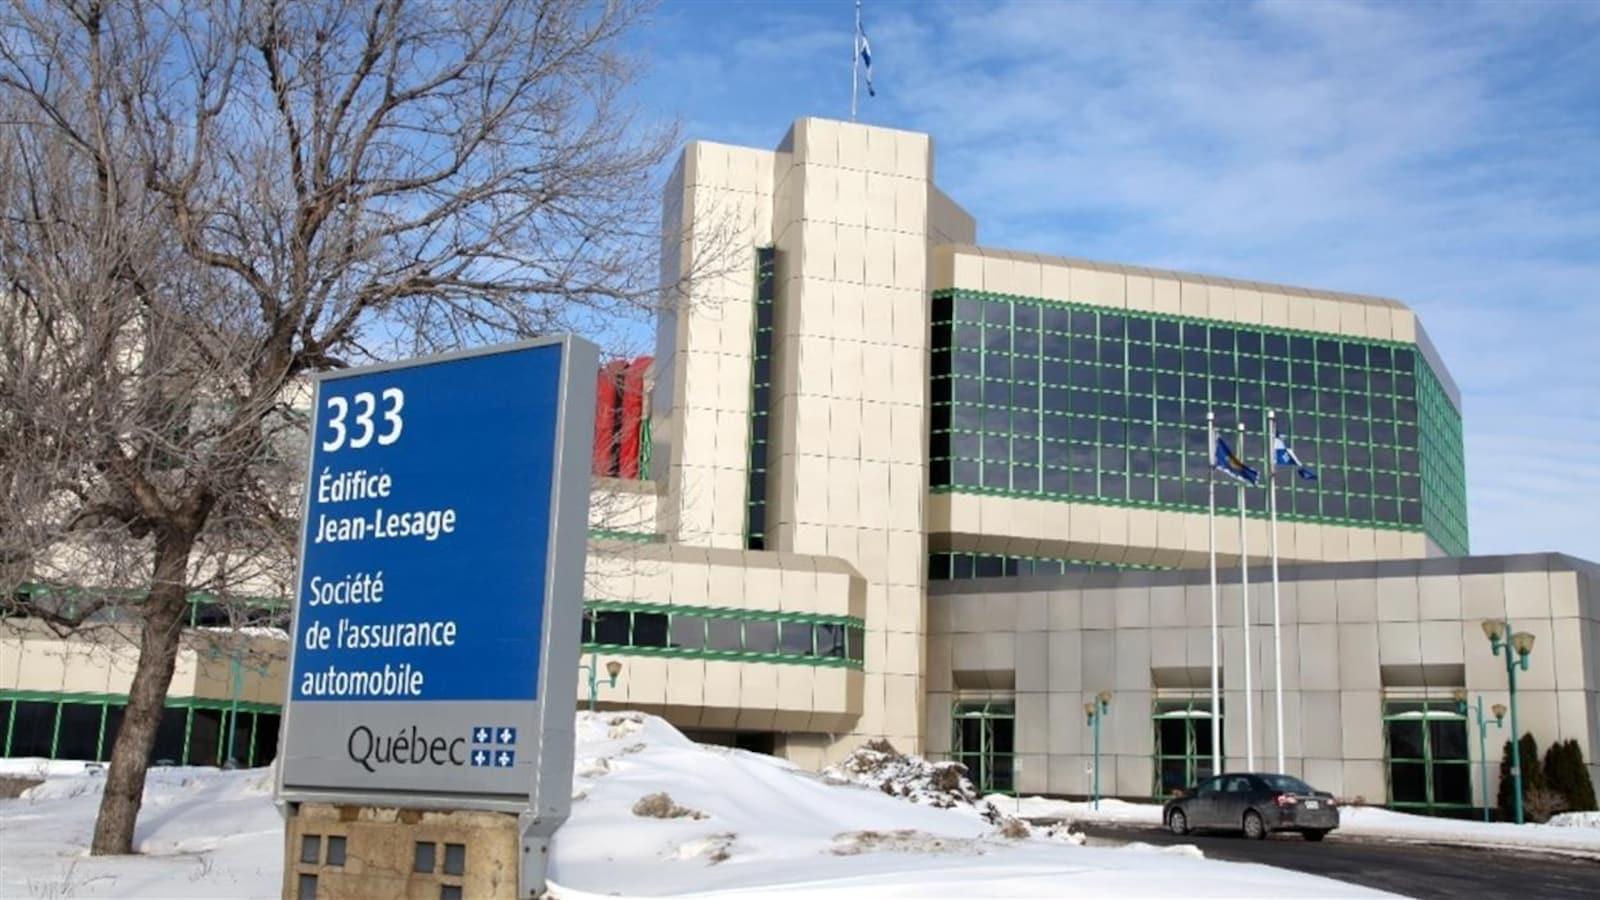 L'édifice Jean-Lesage de la Société de l'assurance automobile, à Québec.